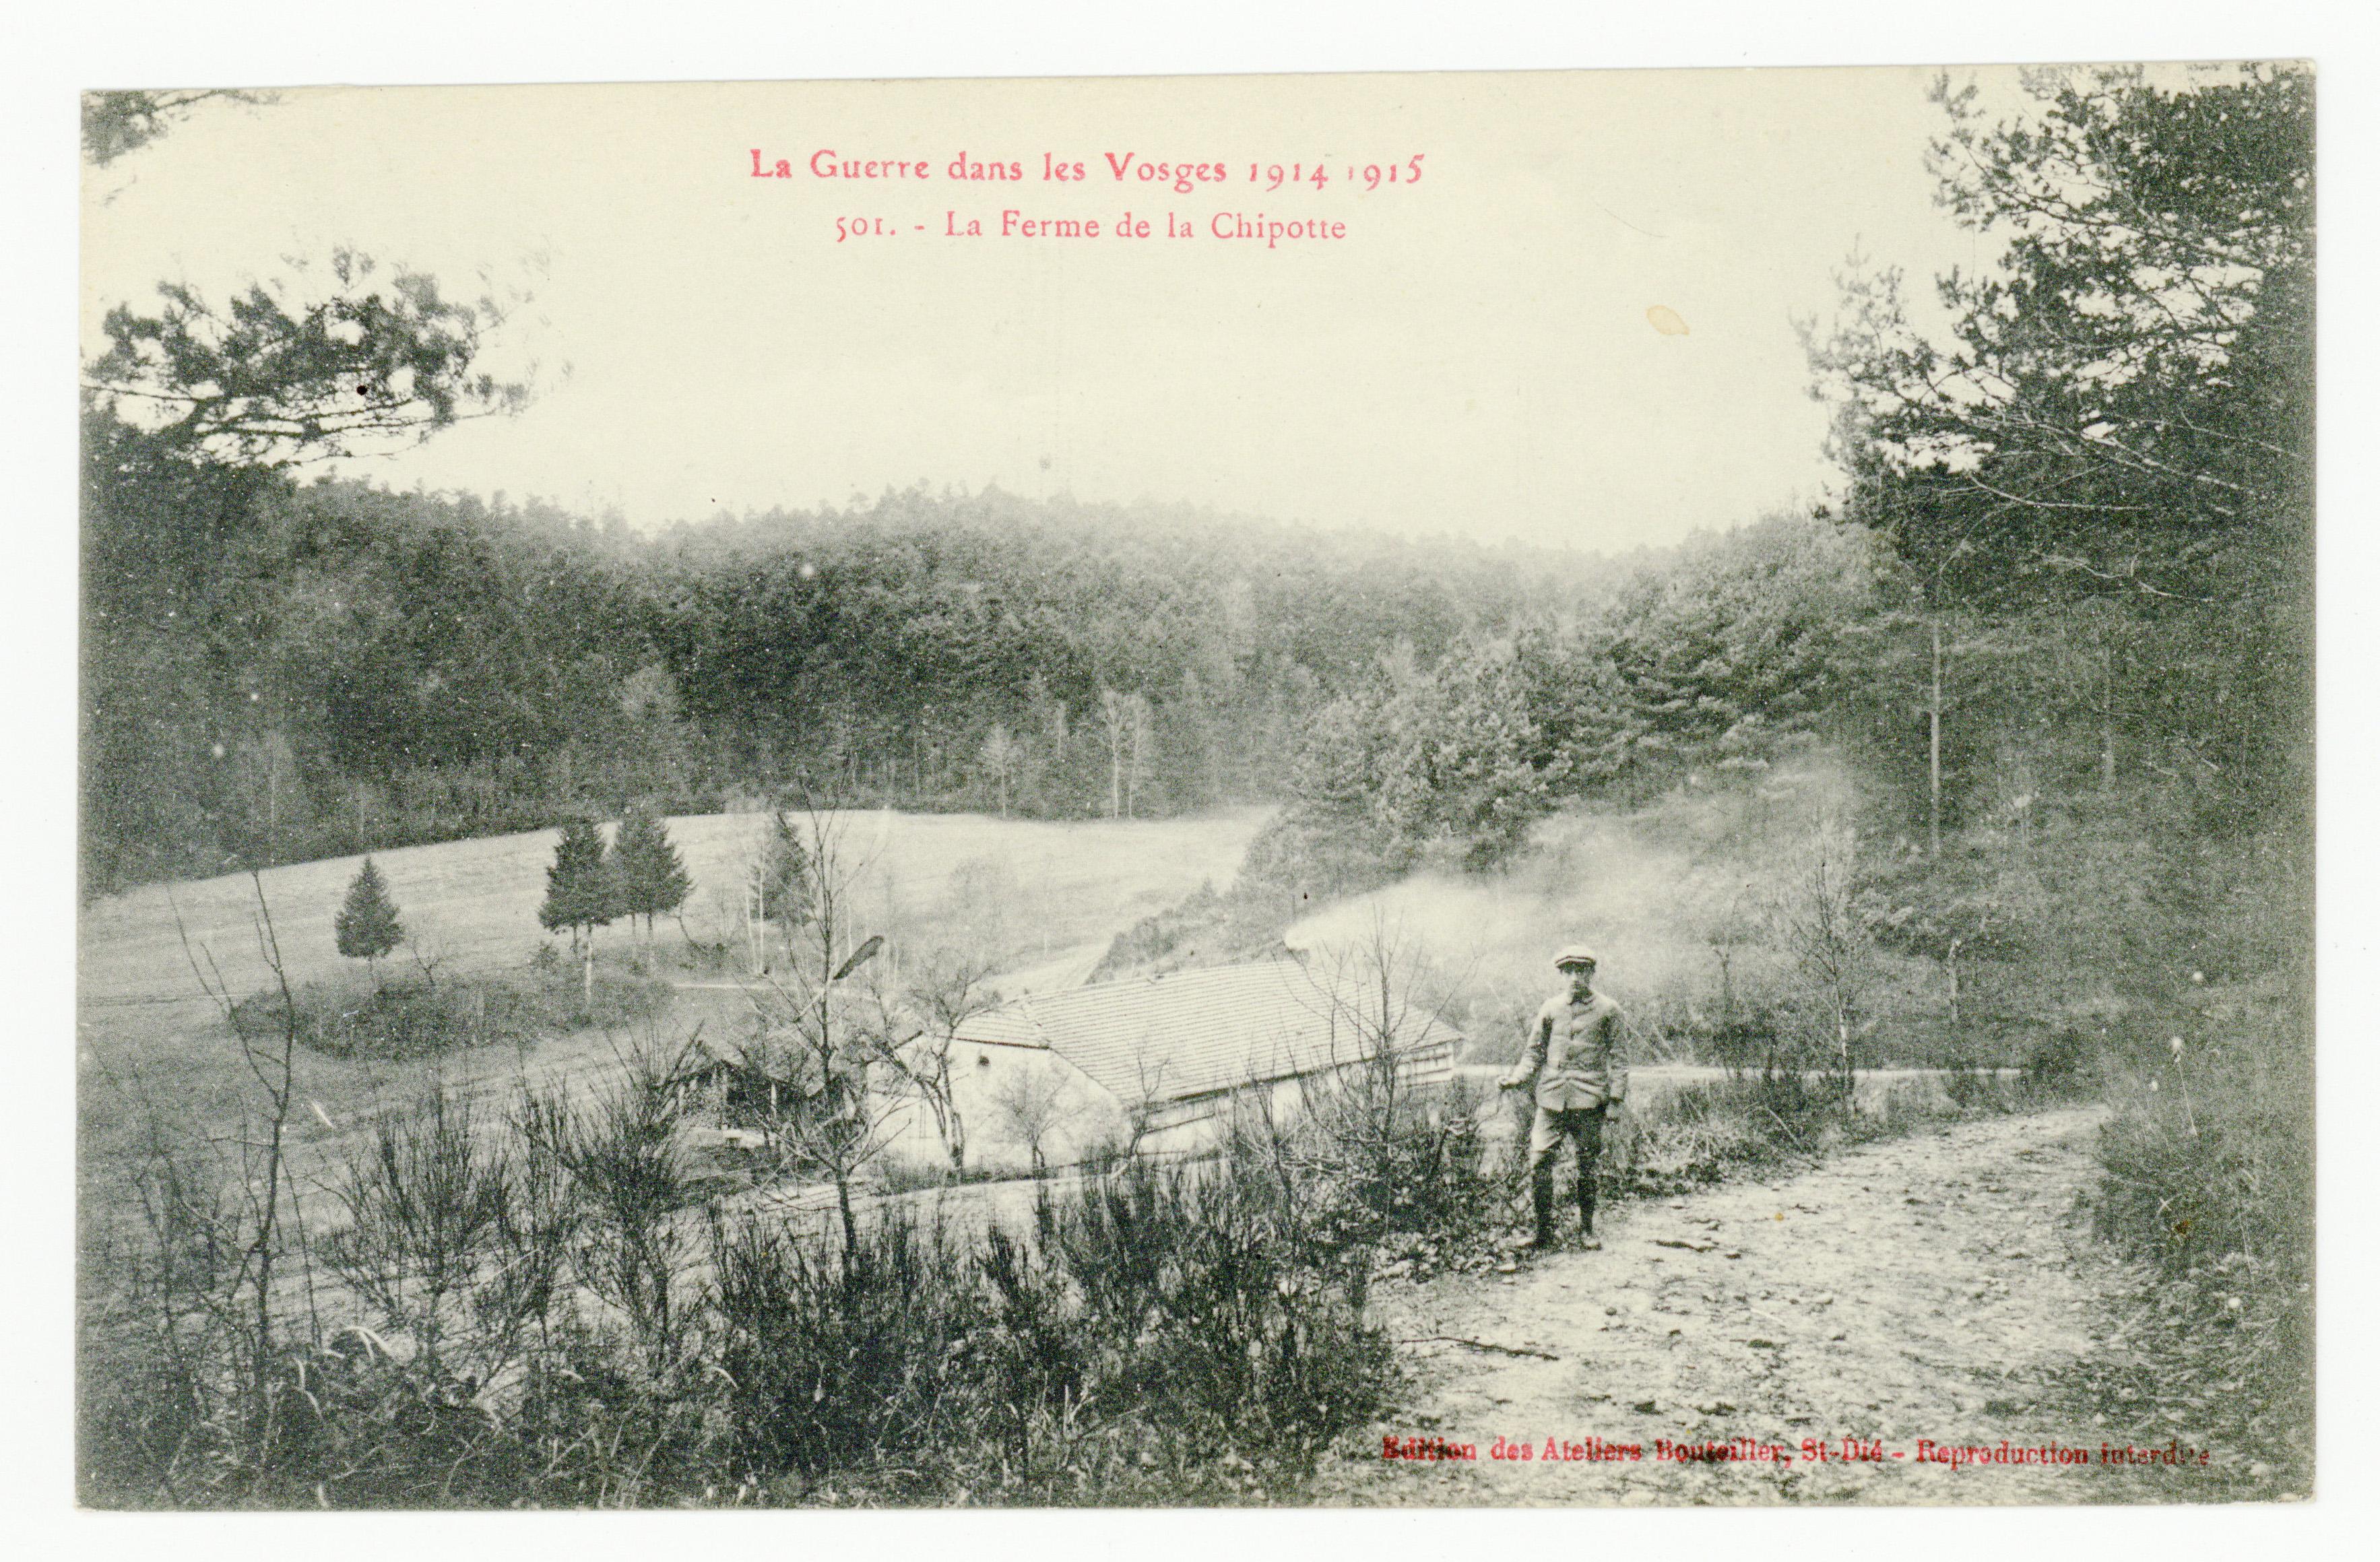 Contenu du La Ferme de la Chipotte, la Guerre dans les Vosges. 1914-1915